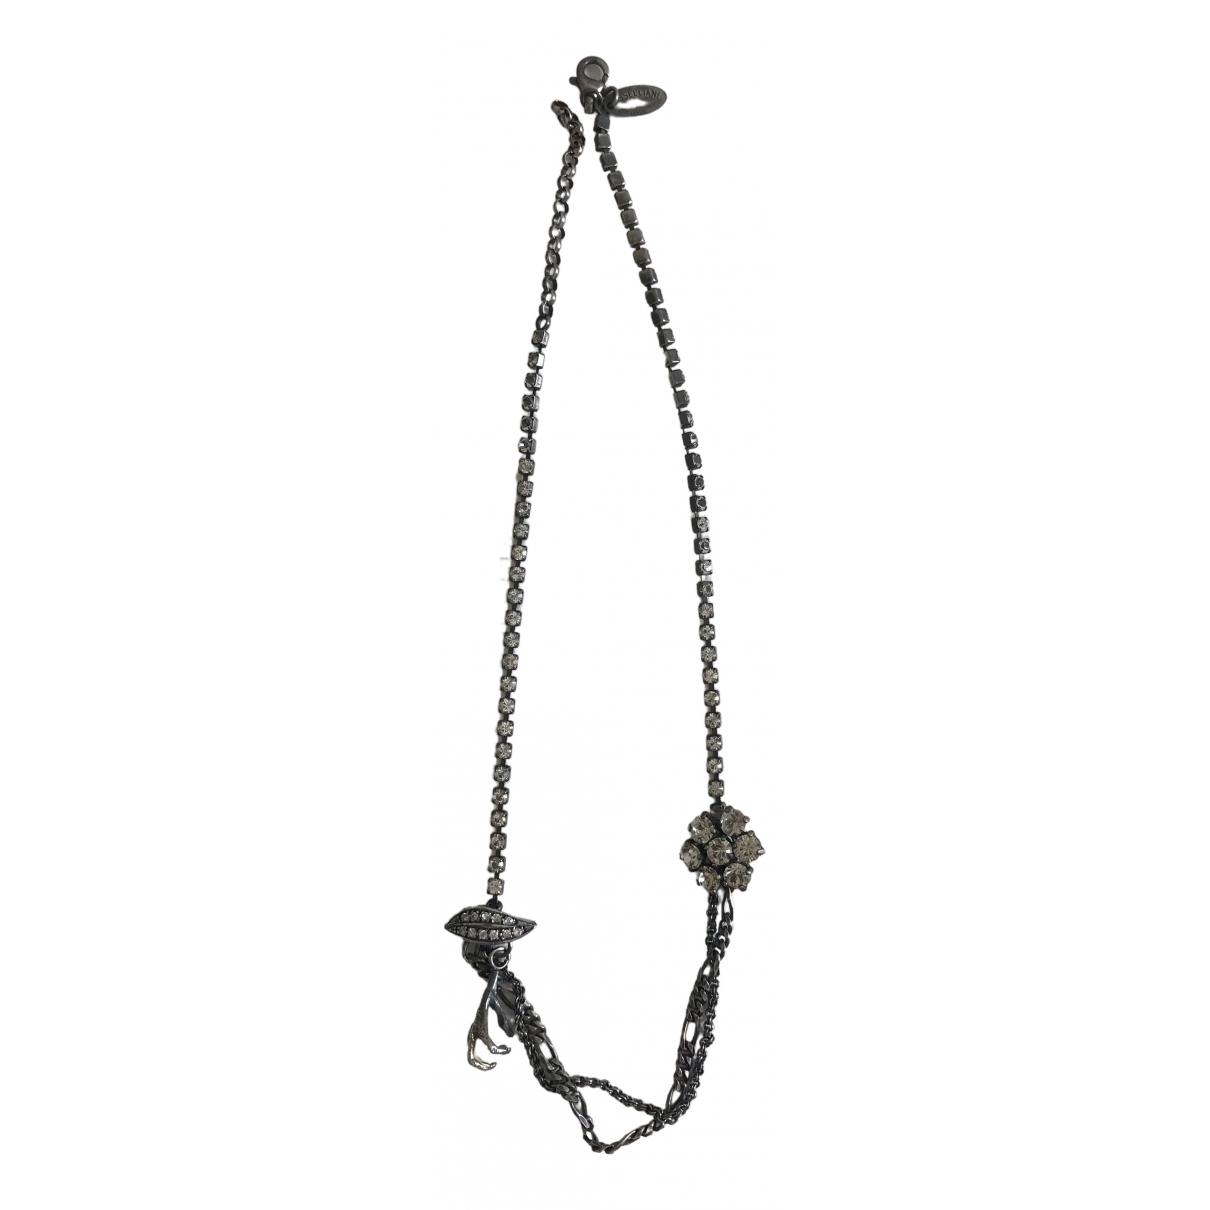 Iosselliani \N Metal necklace for Women \N